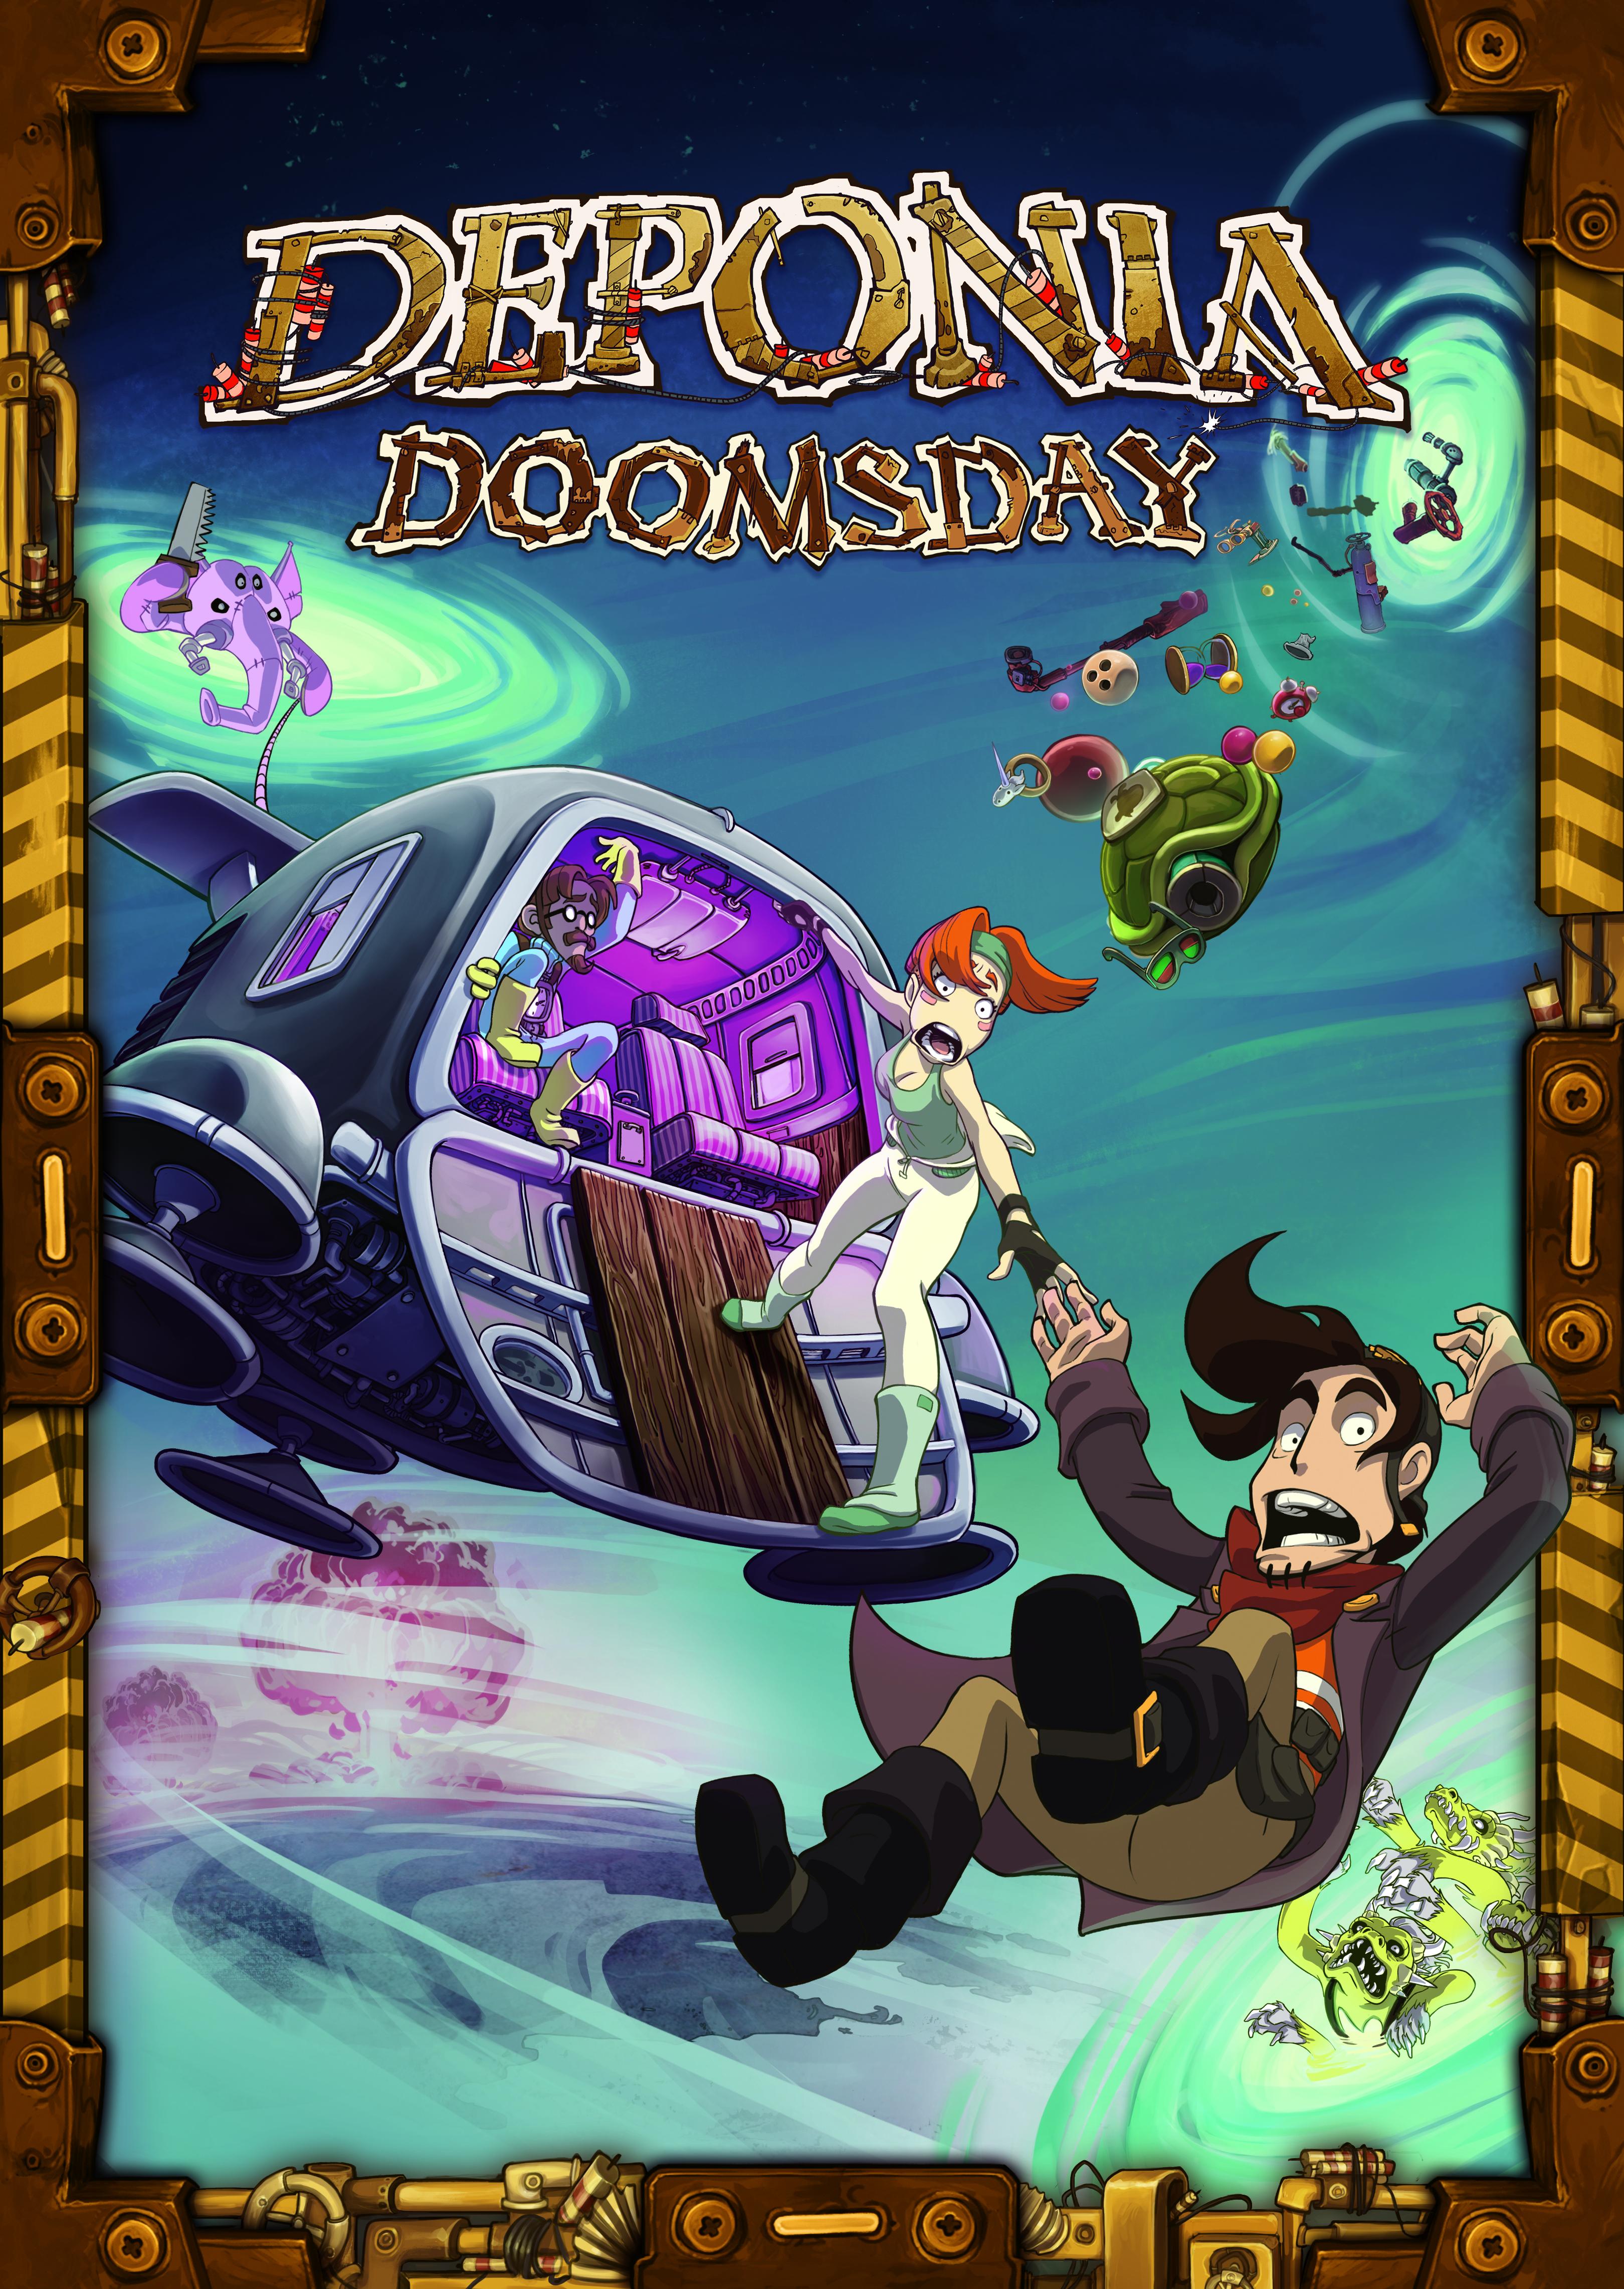 Deponia Doomsday (Цифровая версия)В игре Deponia Doomsday в одну роковую ночь Руфус проснулся от жуткого кошмара: в нем он принес себя в жертву во имя спасения Депонии.<br>